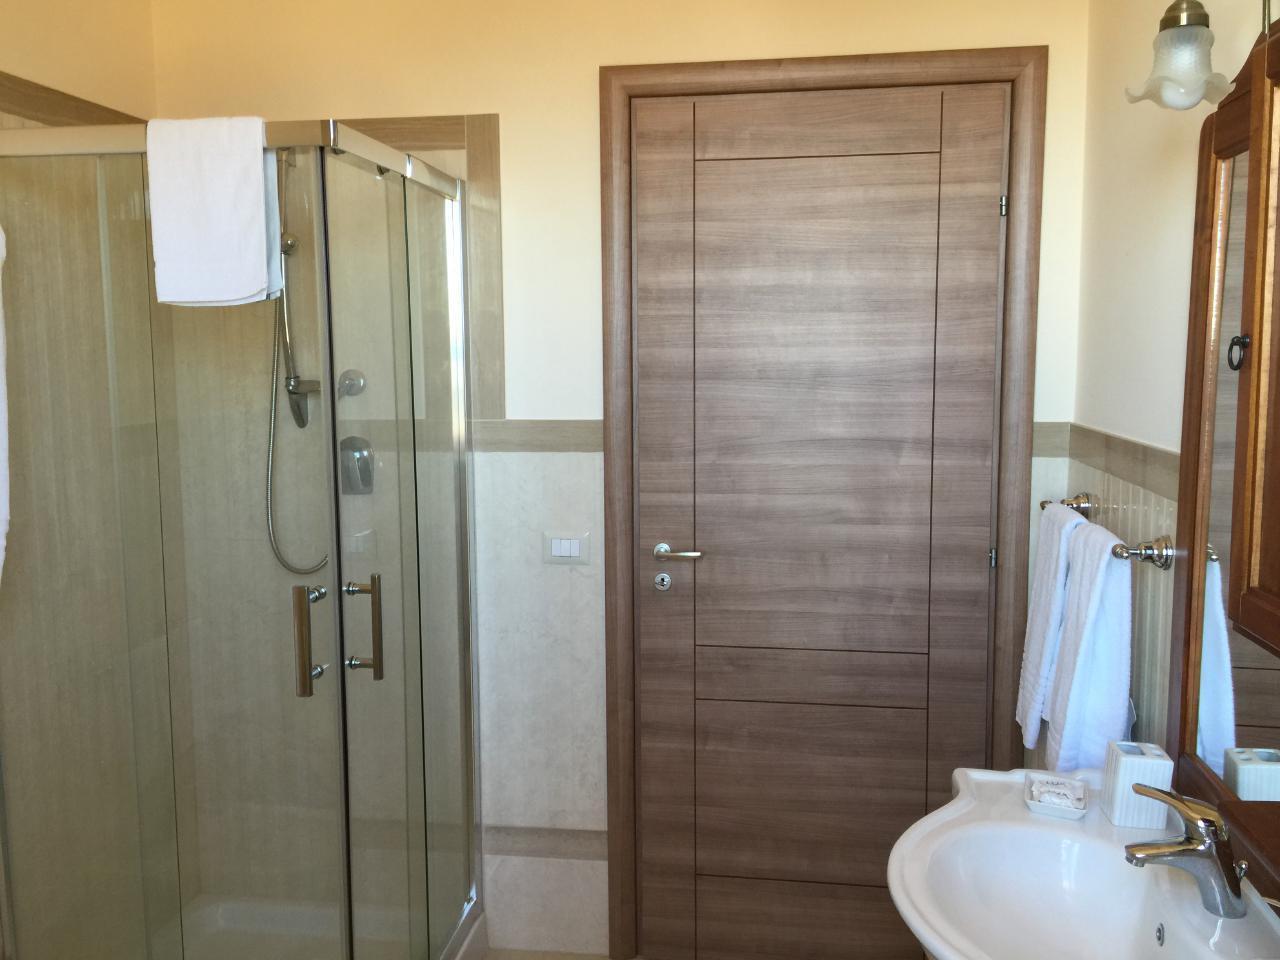 Appartement de vacances Etna Royal View -  Zwei-Zimmer-Wohnung mit Blick auf den Garten (2182582), Trecastagni, Catania, Sicile, Italie, image 26